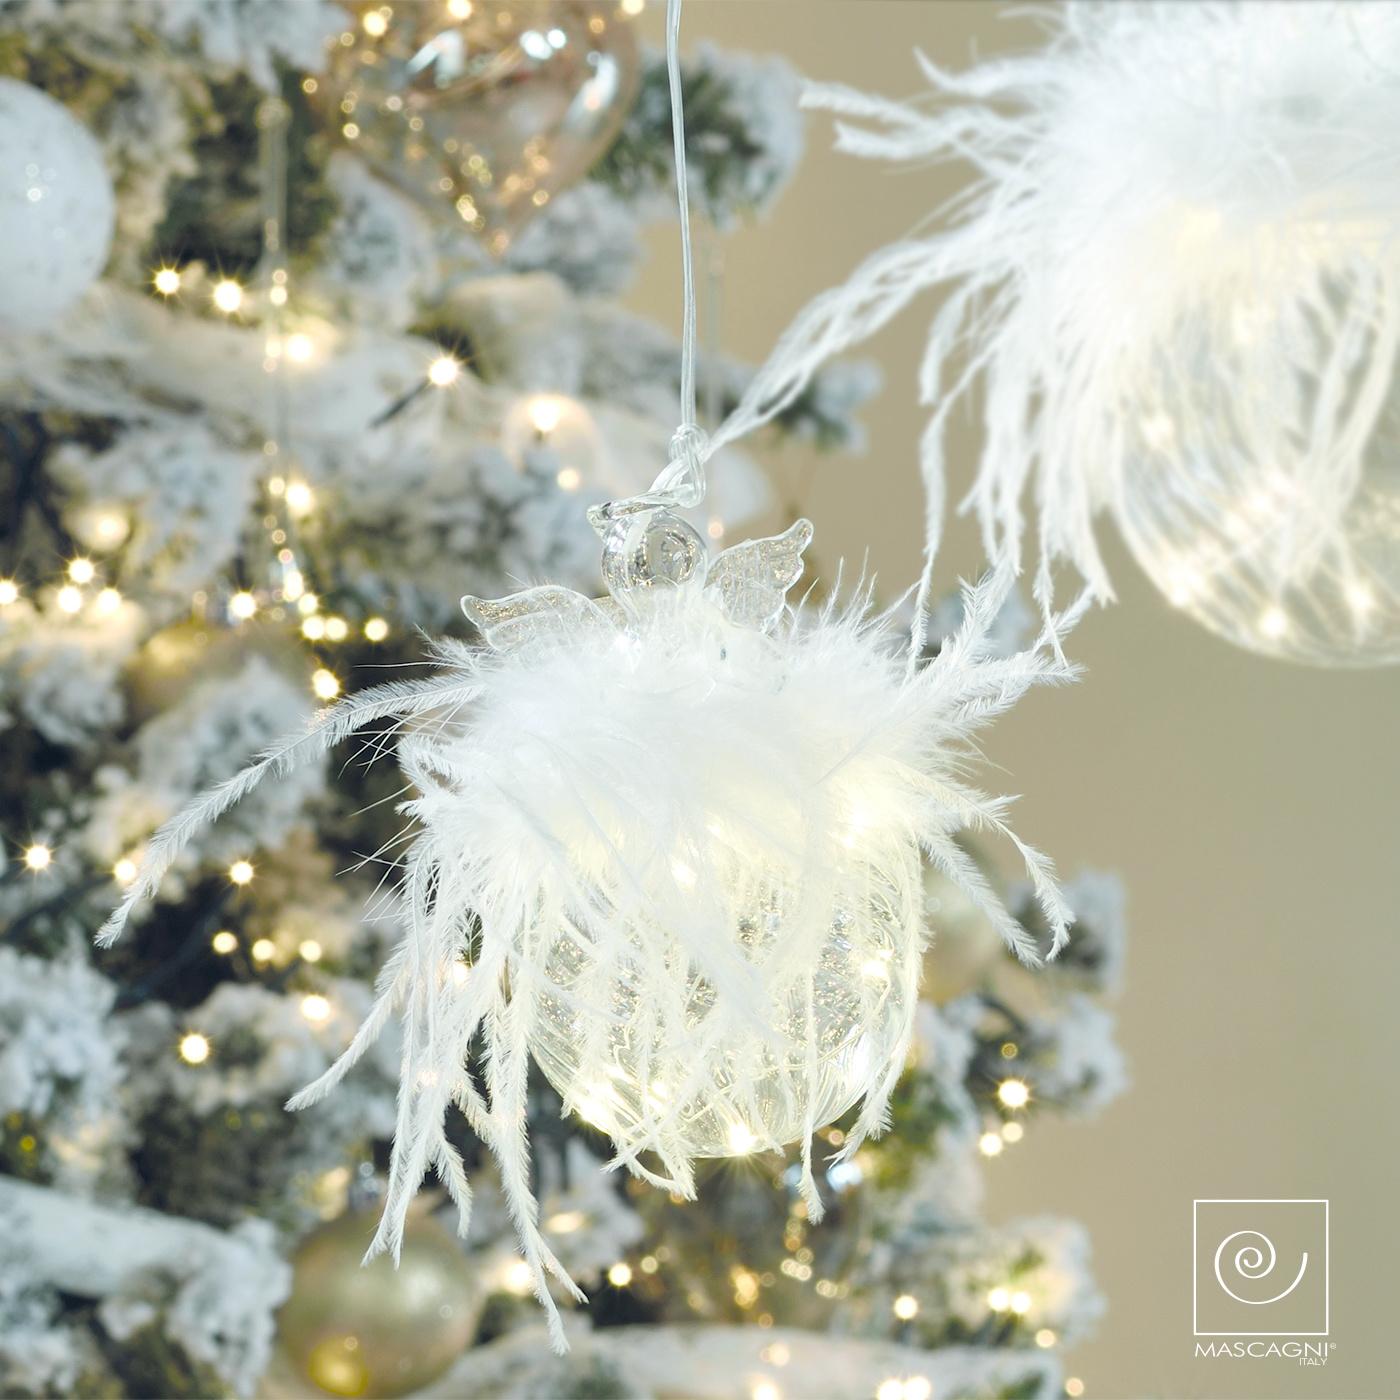 Art Mascagni LED ANGEL CM.12,5